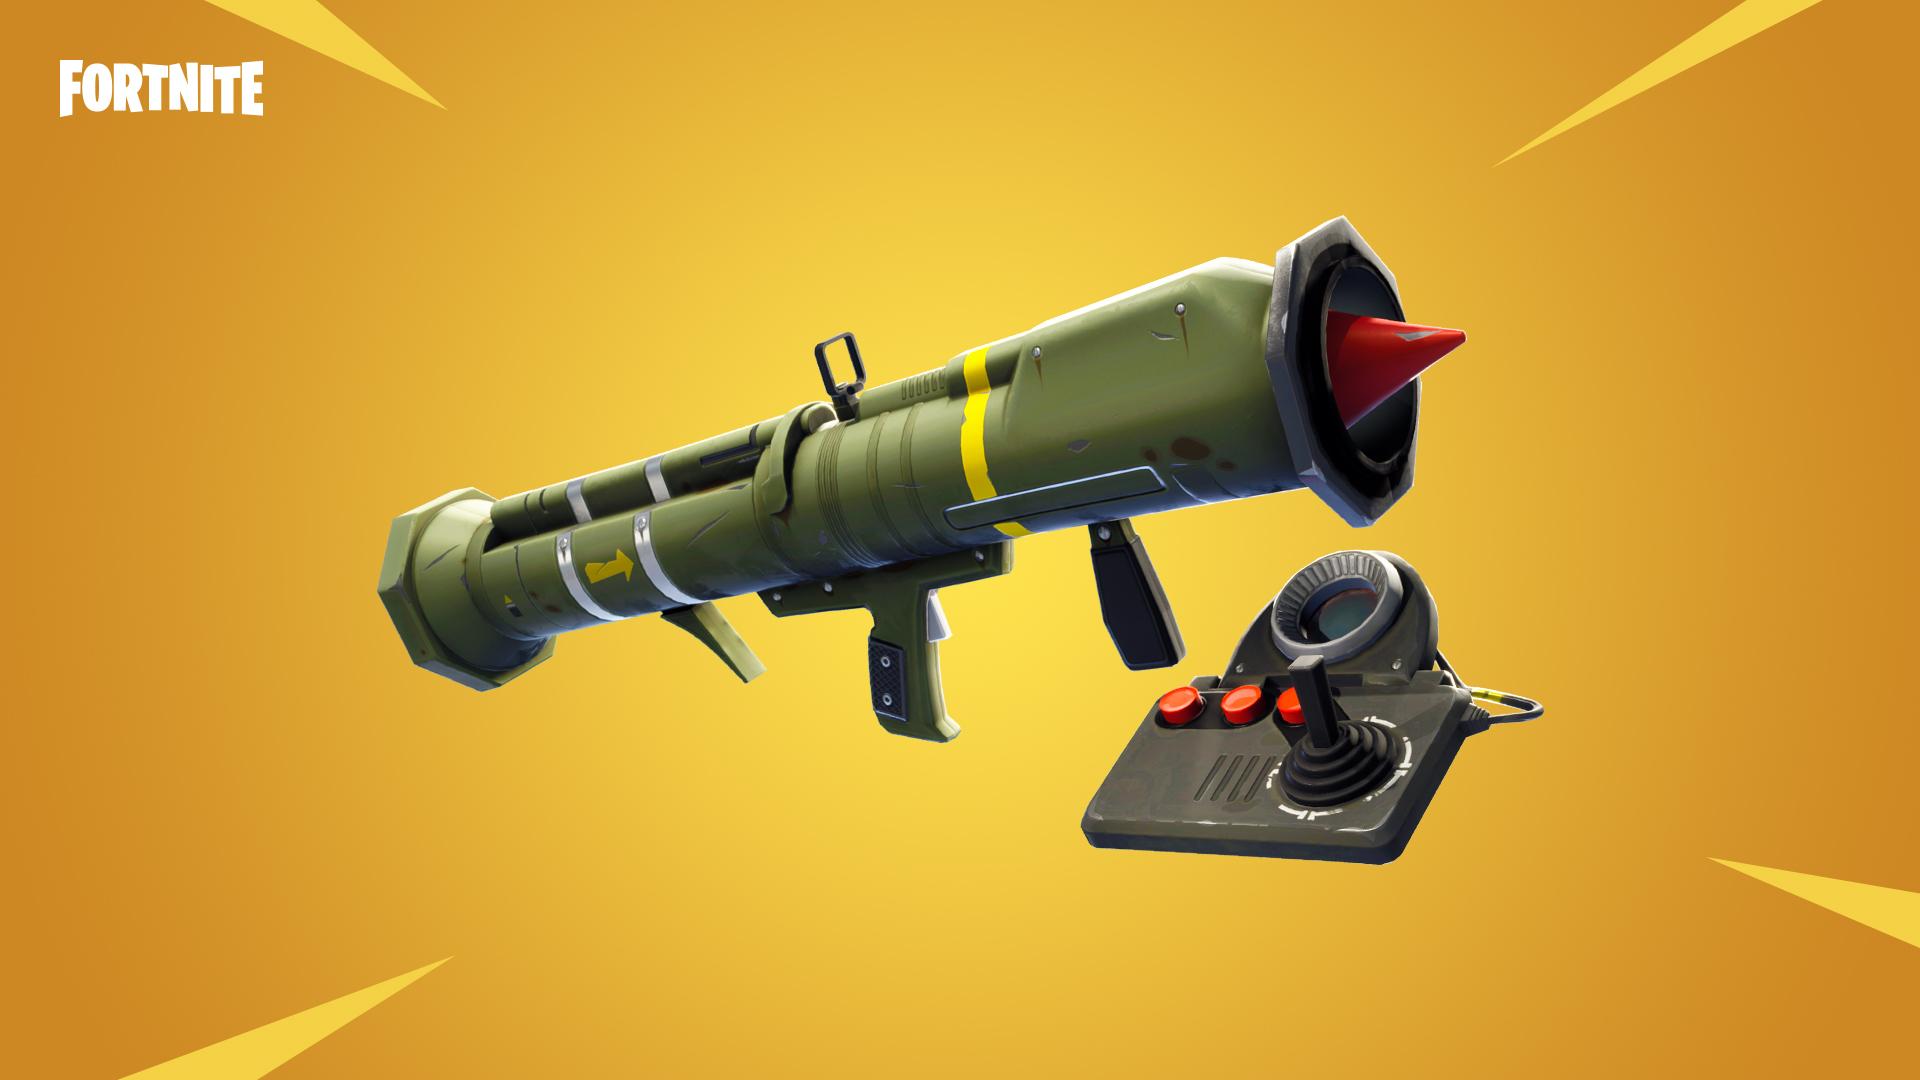 Rakete-Fortnite-Neu